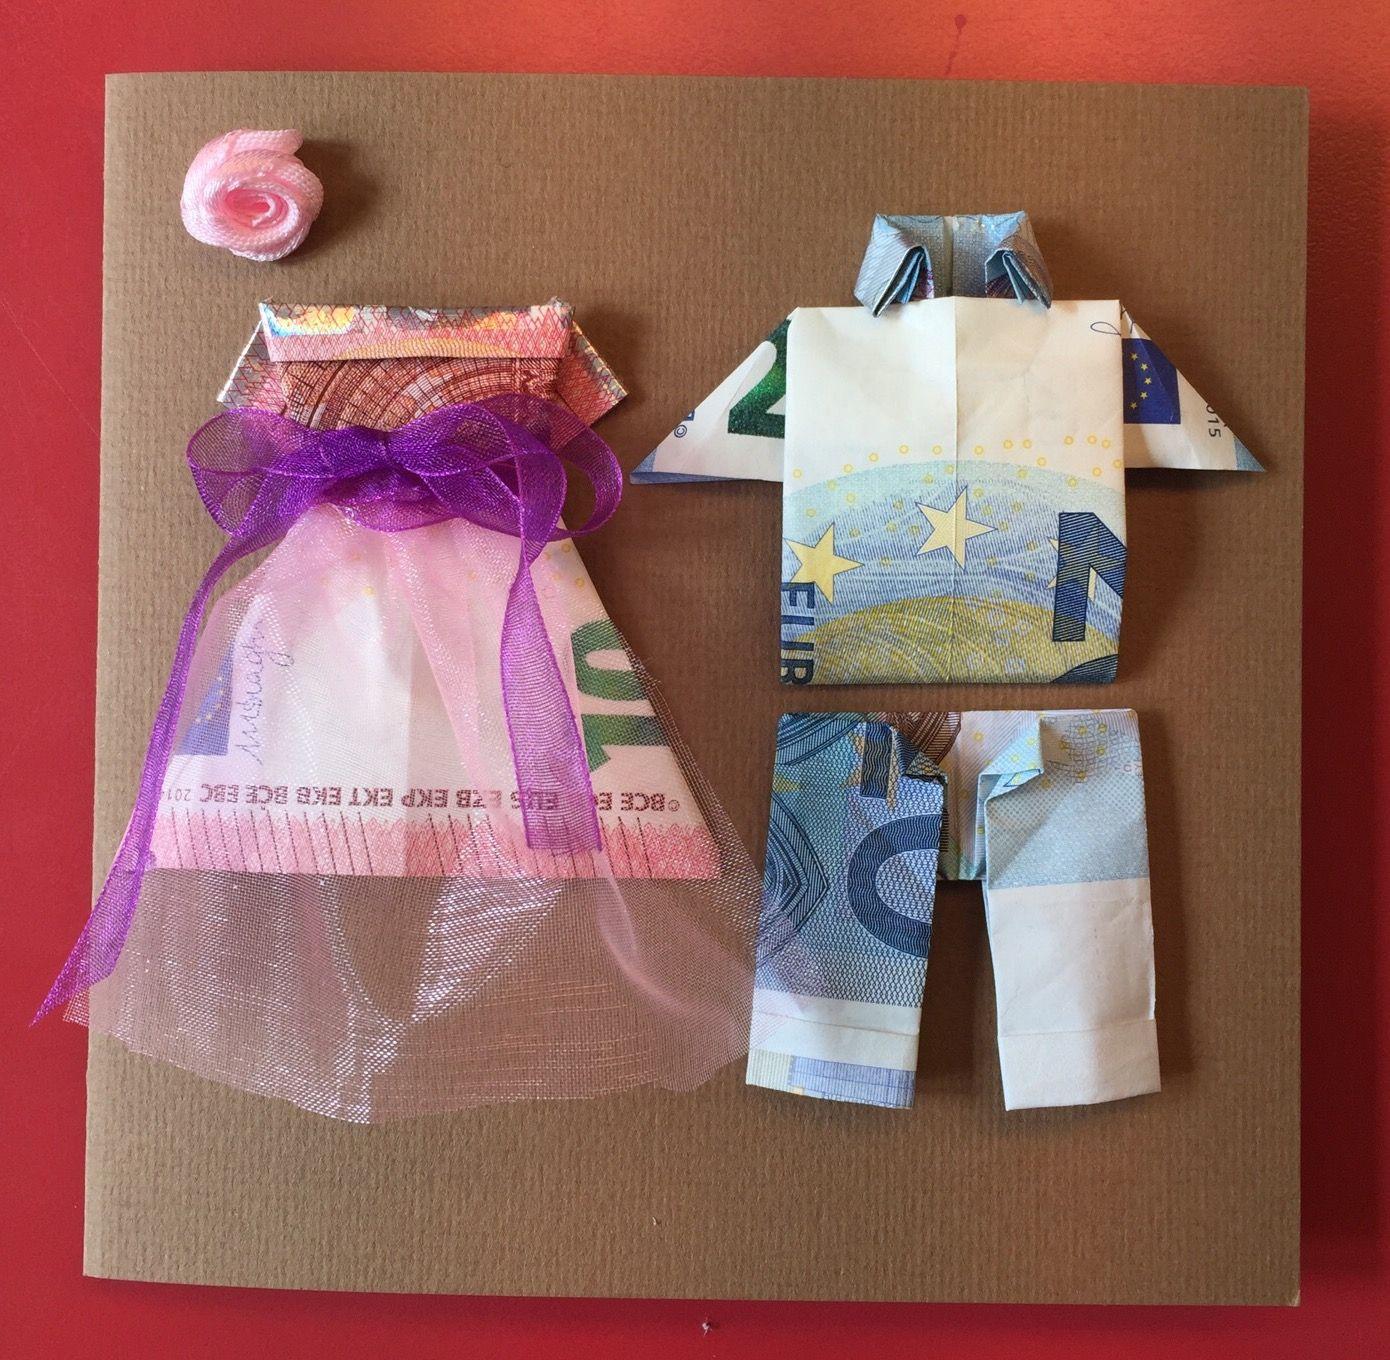 Leuk Om Aan Bruidspaar Cadeau Te Doen Vouwinstructie Zoeken